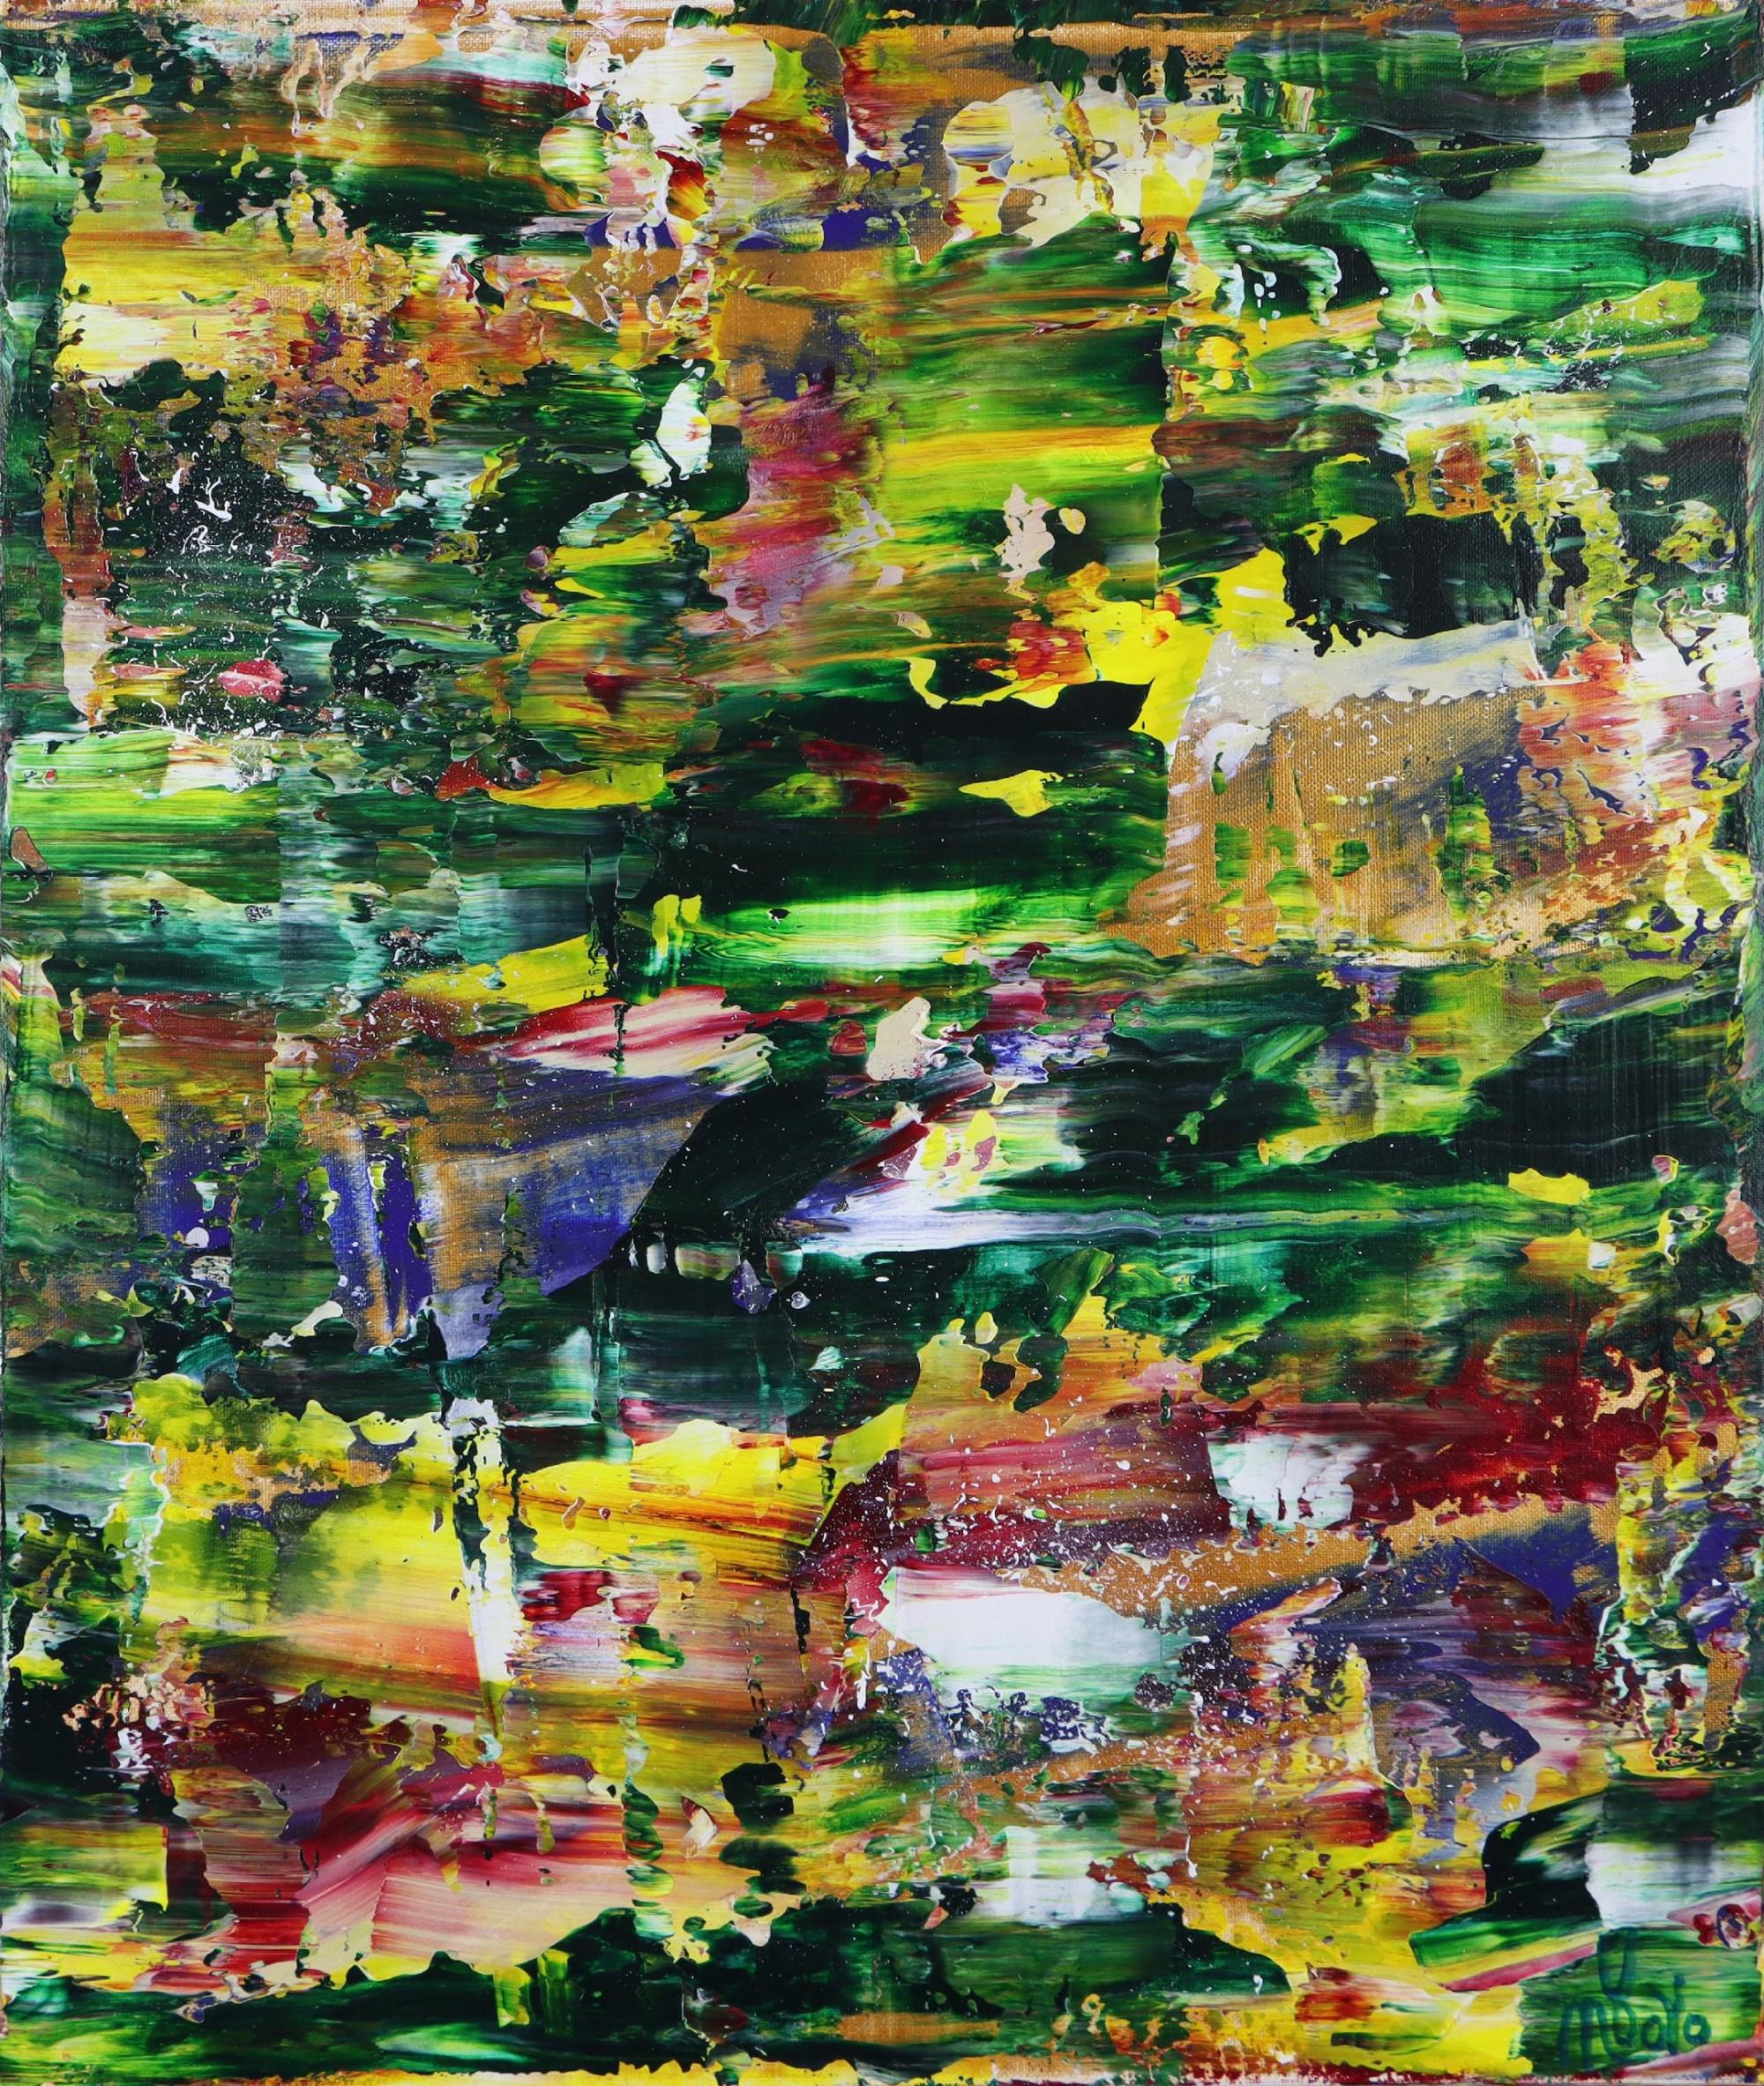 Moss and Rust 2 (2021) 20x24 in / Artist: Nestor Toro